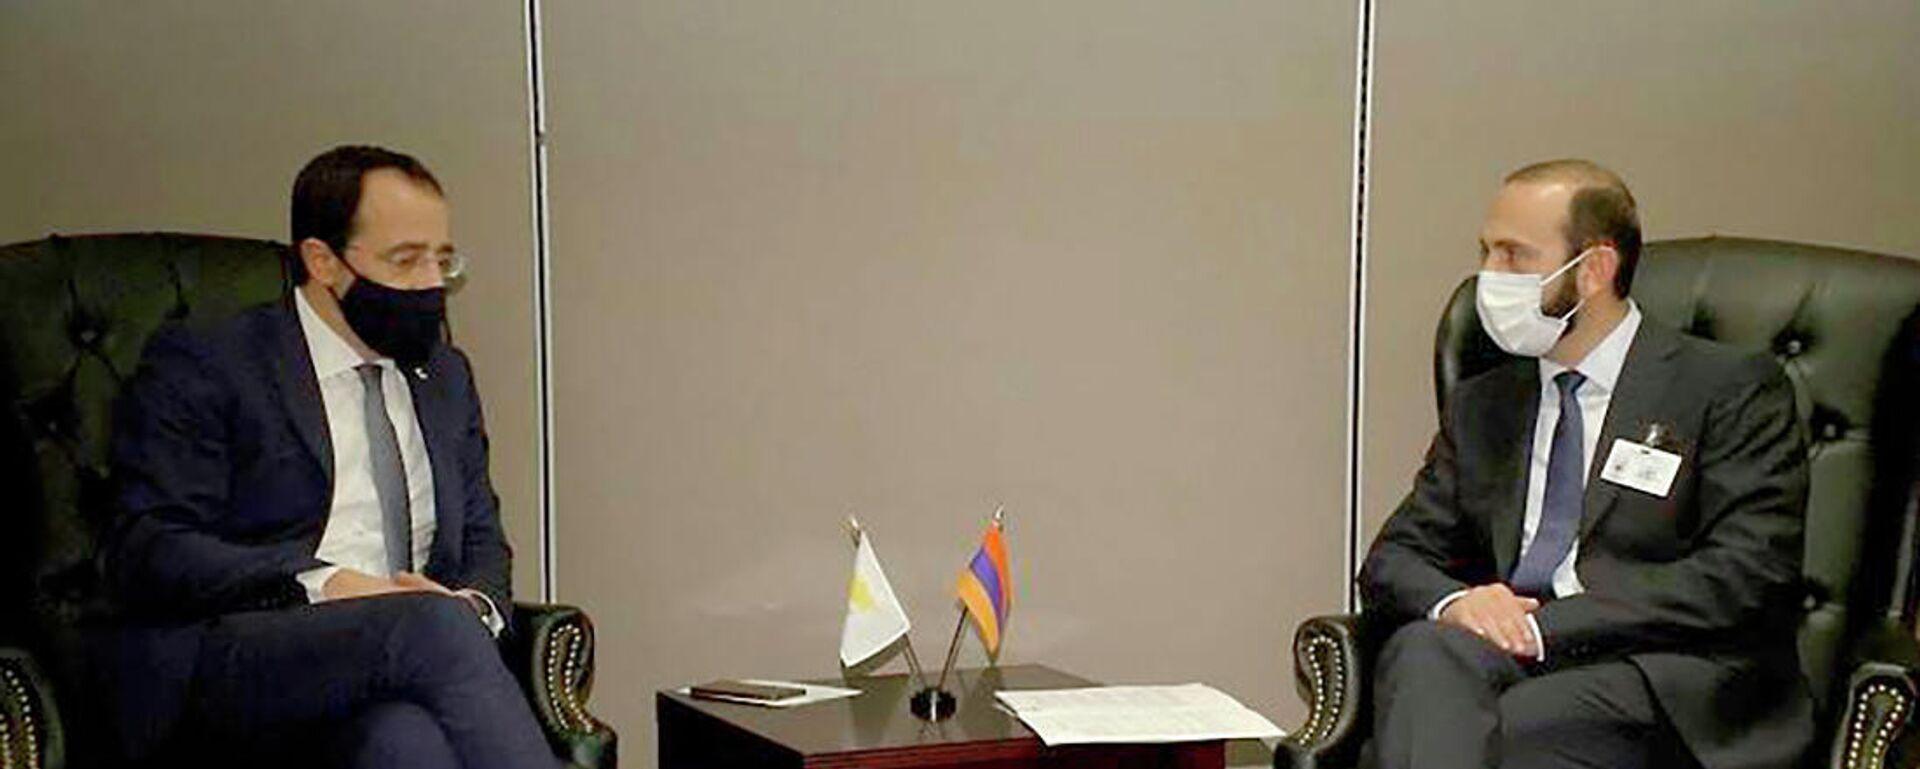 Встреча министров иностранных дел Армении и Кипра Арарата Мирзояна и Никоса Христодулидеса в рамках 76-й сессии Генассамблеи ООН (24 сентября 2021). Нью-Йорк - Sputnik Армения, 1920, 24.09.2021